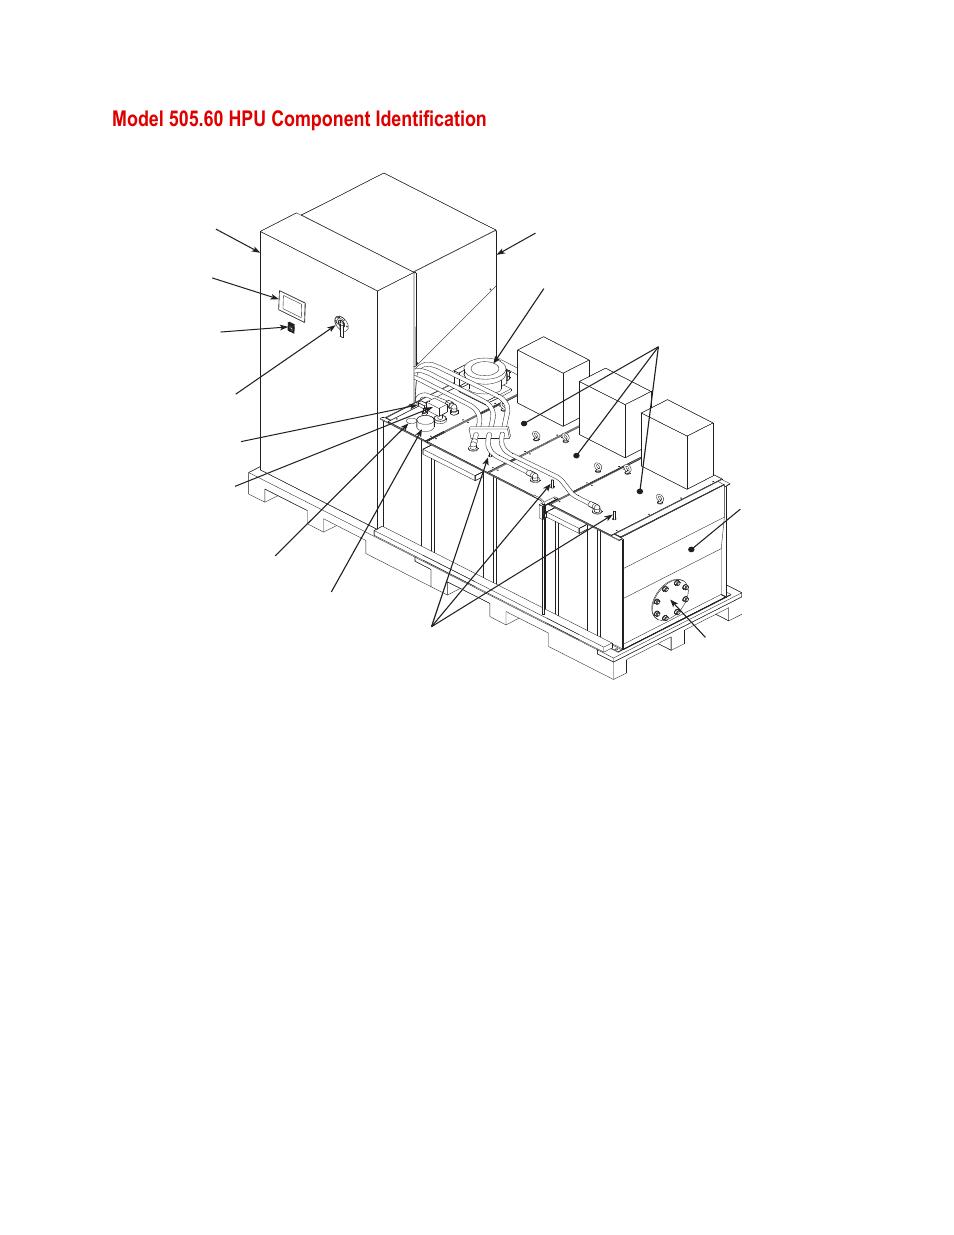 Model 505.60 hpu component identification, Model 505.60